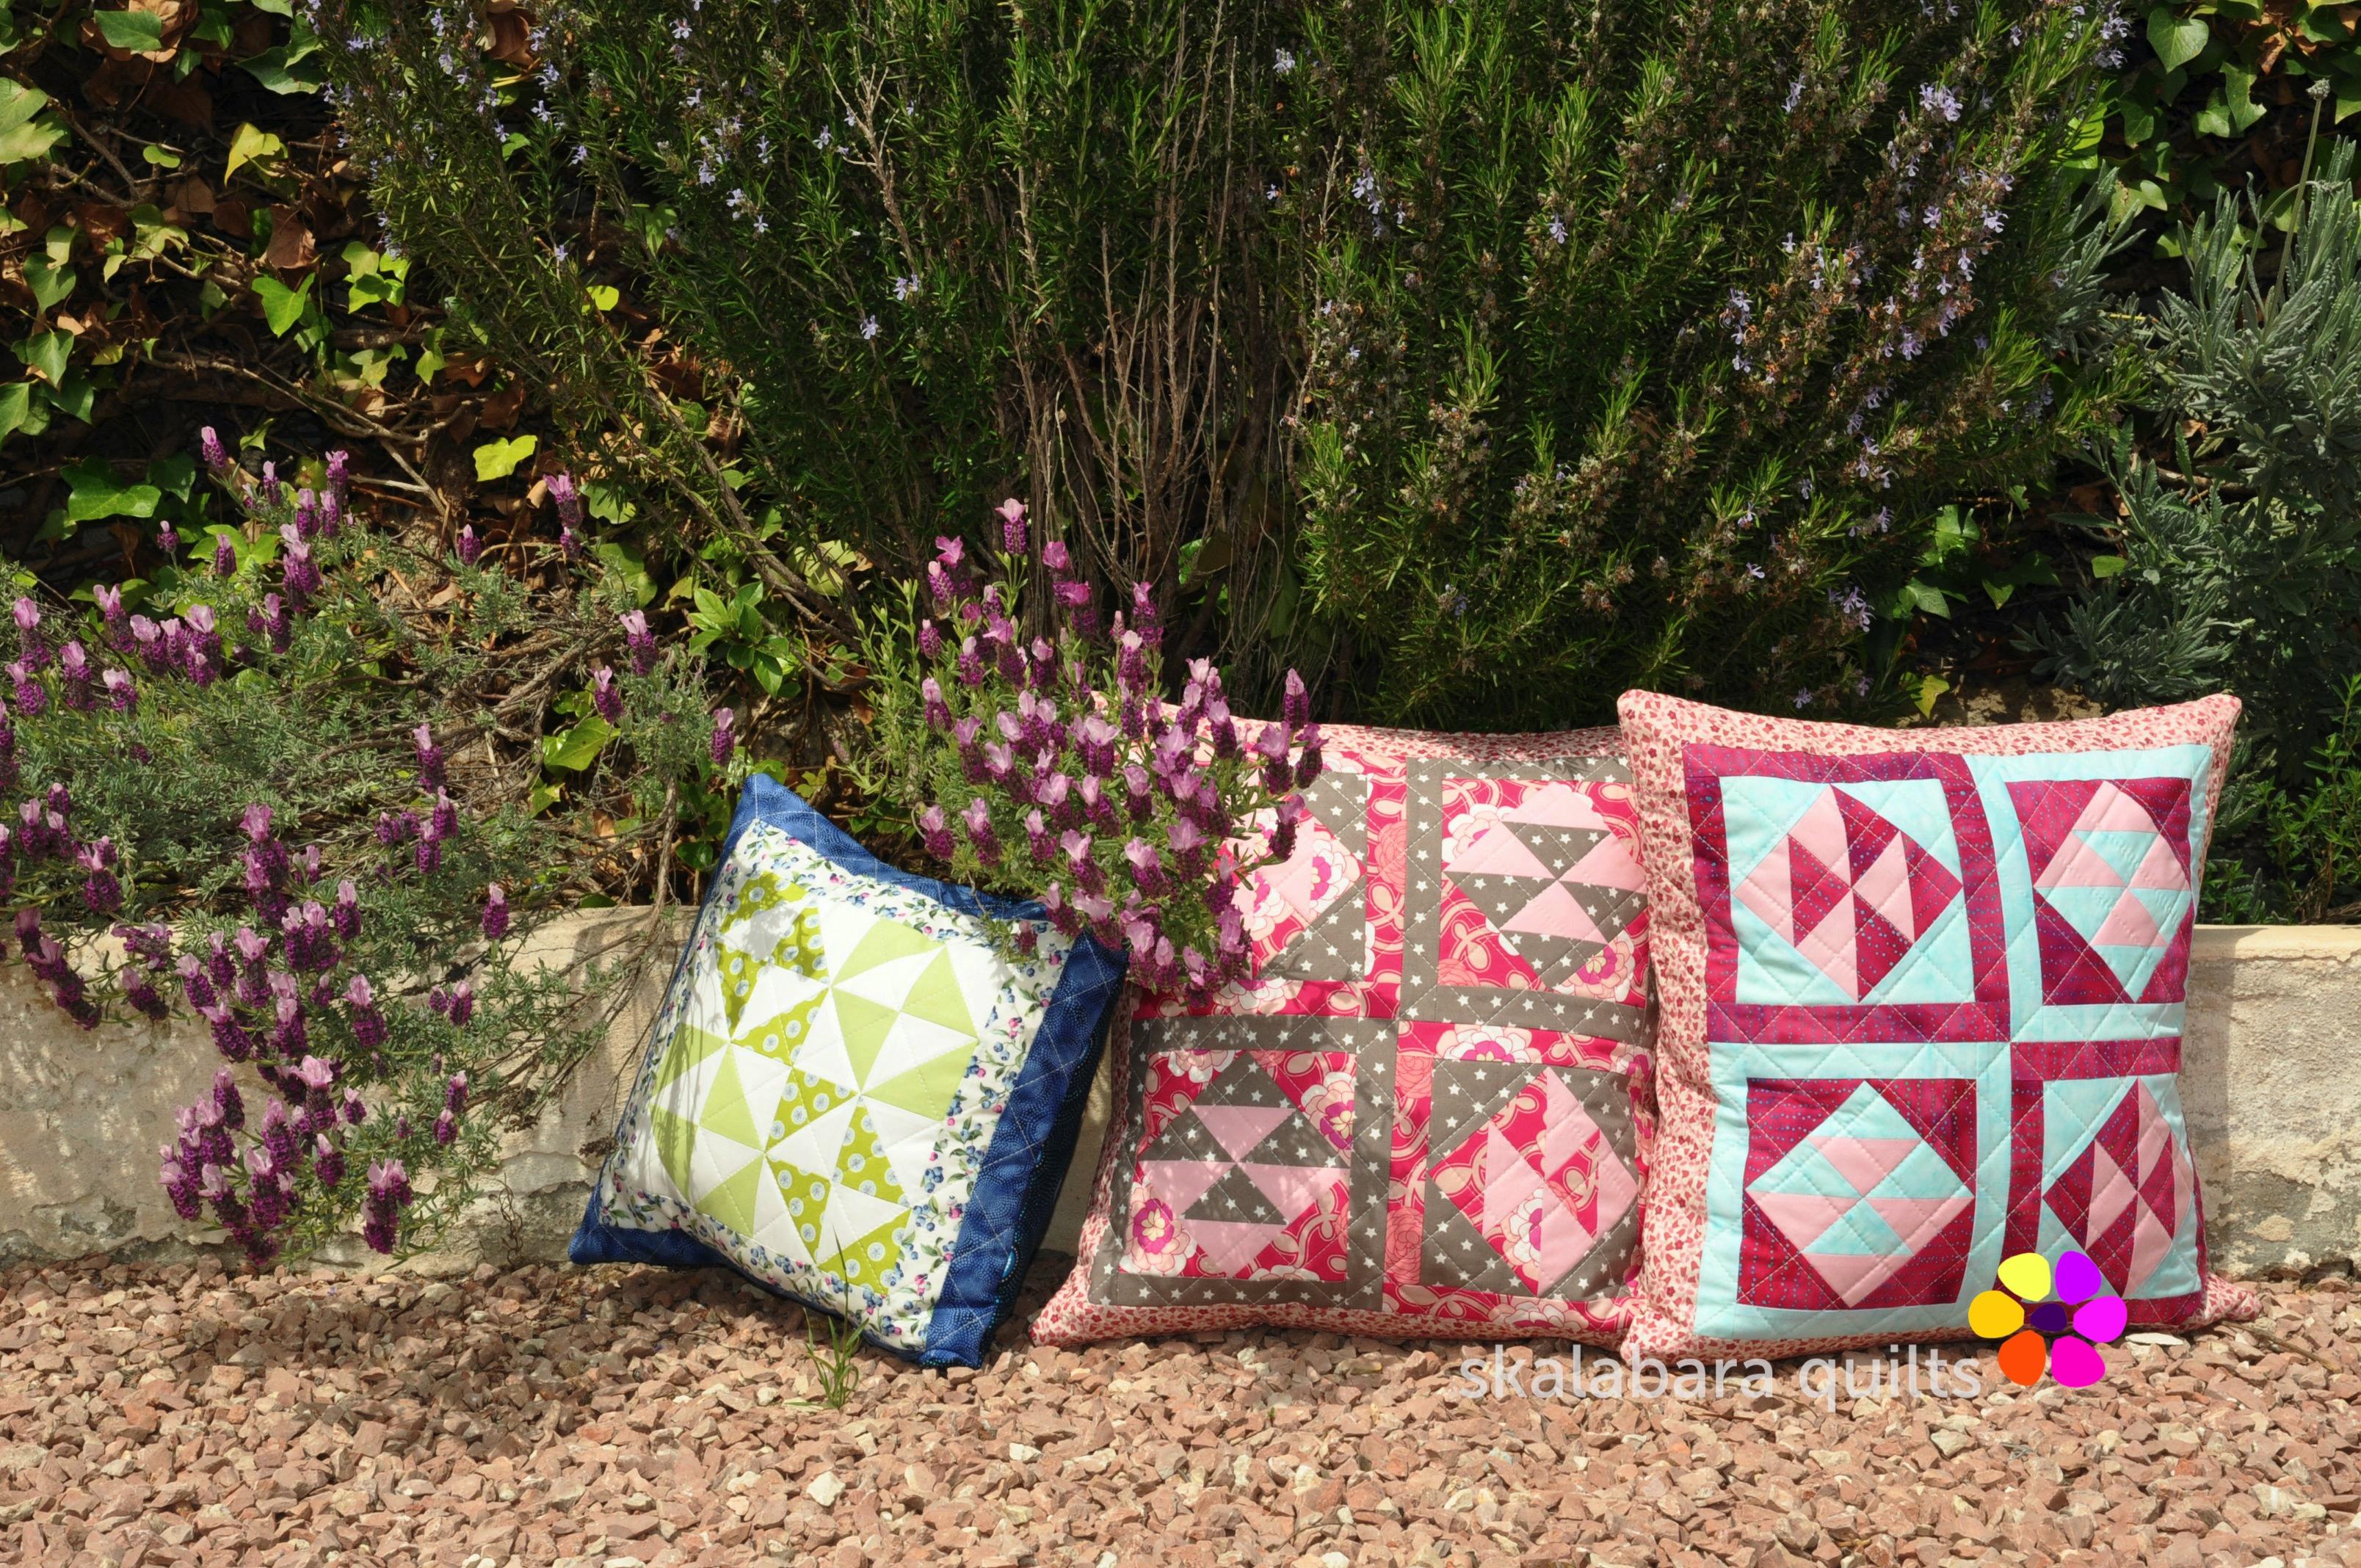 broken dishes cushions 4 - skalabara quilts